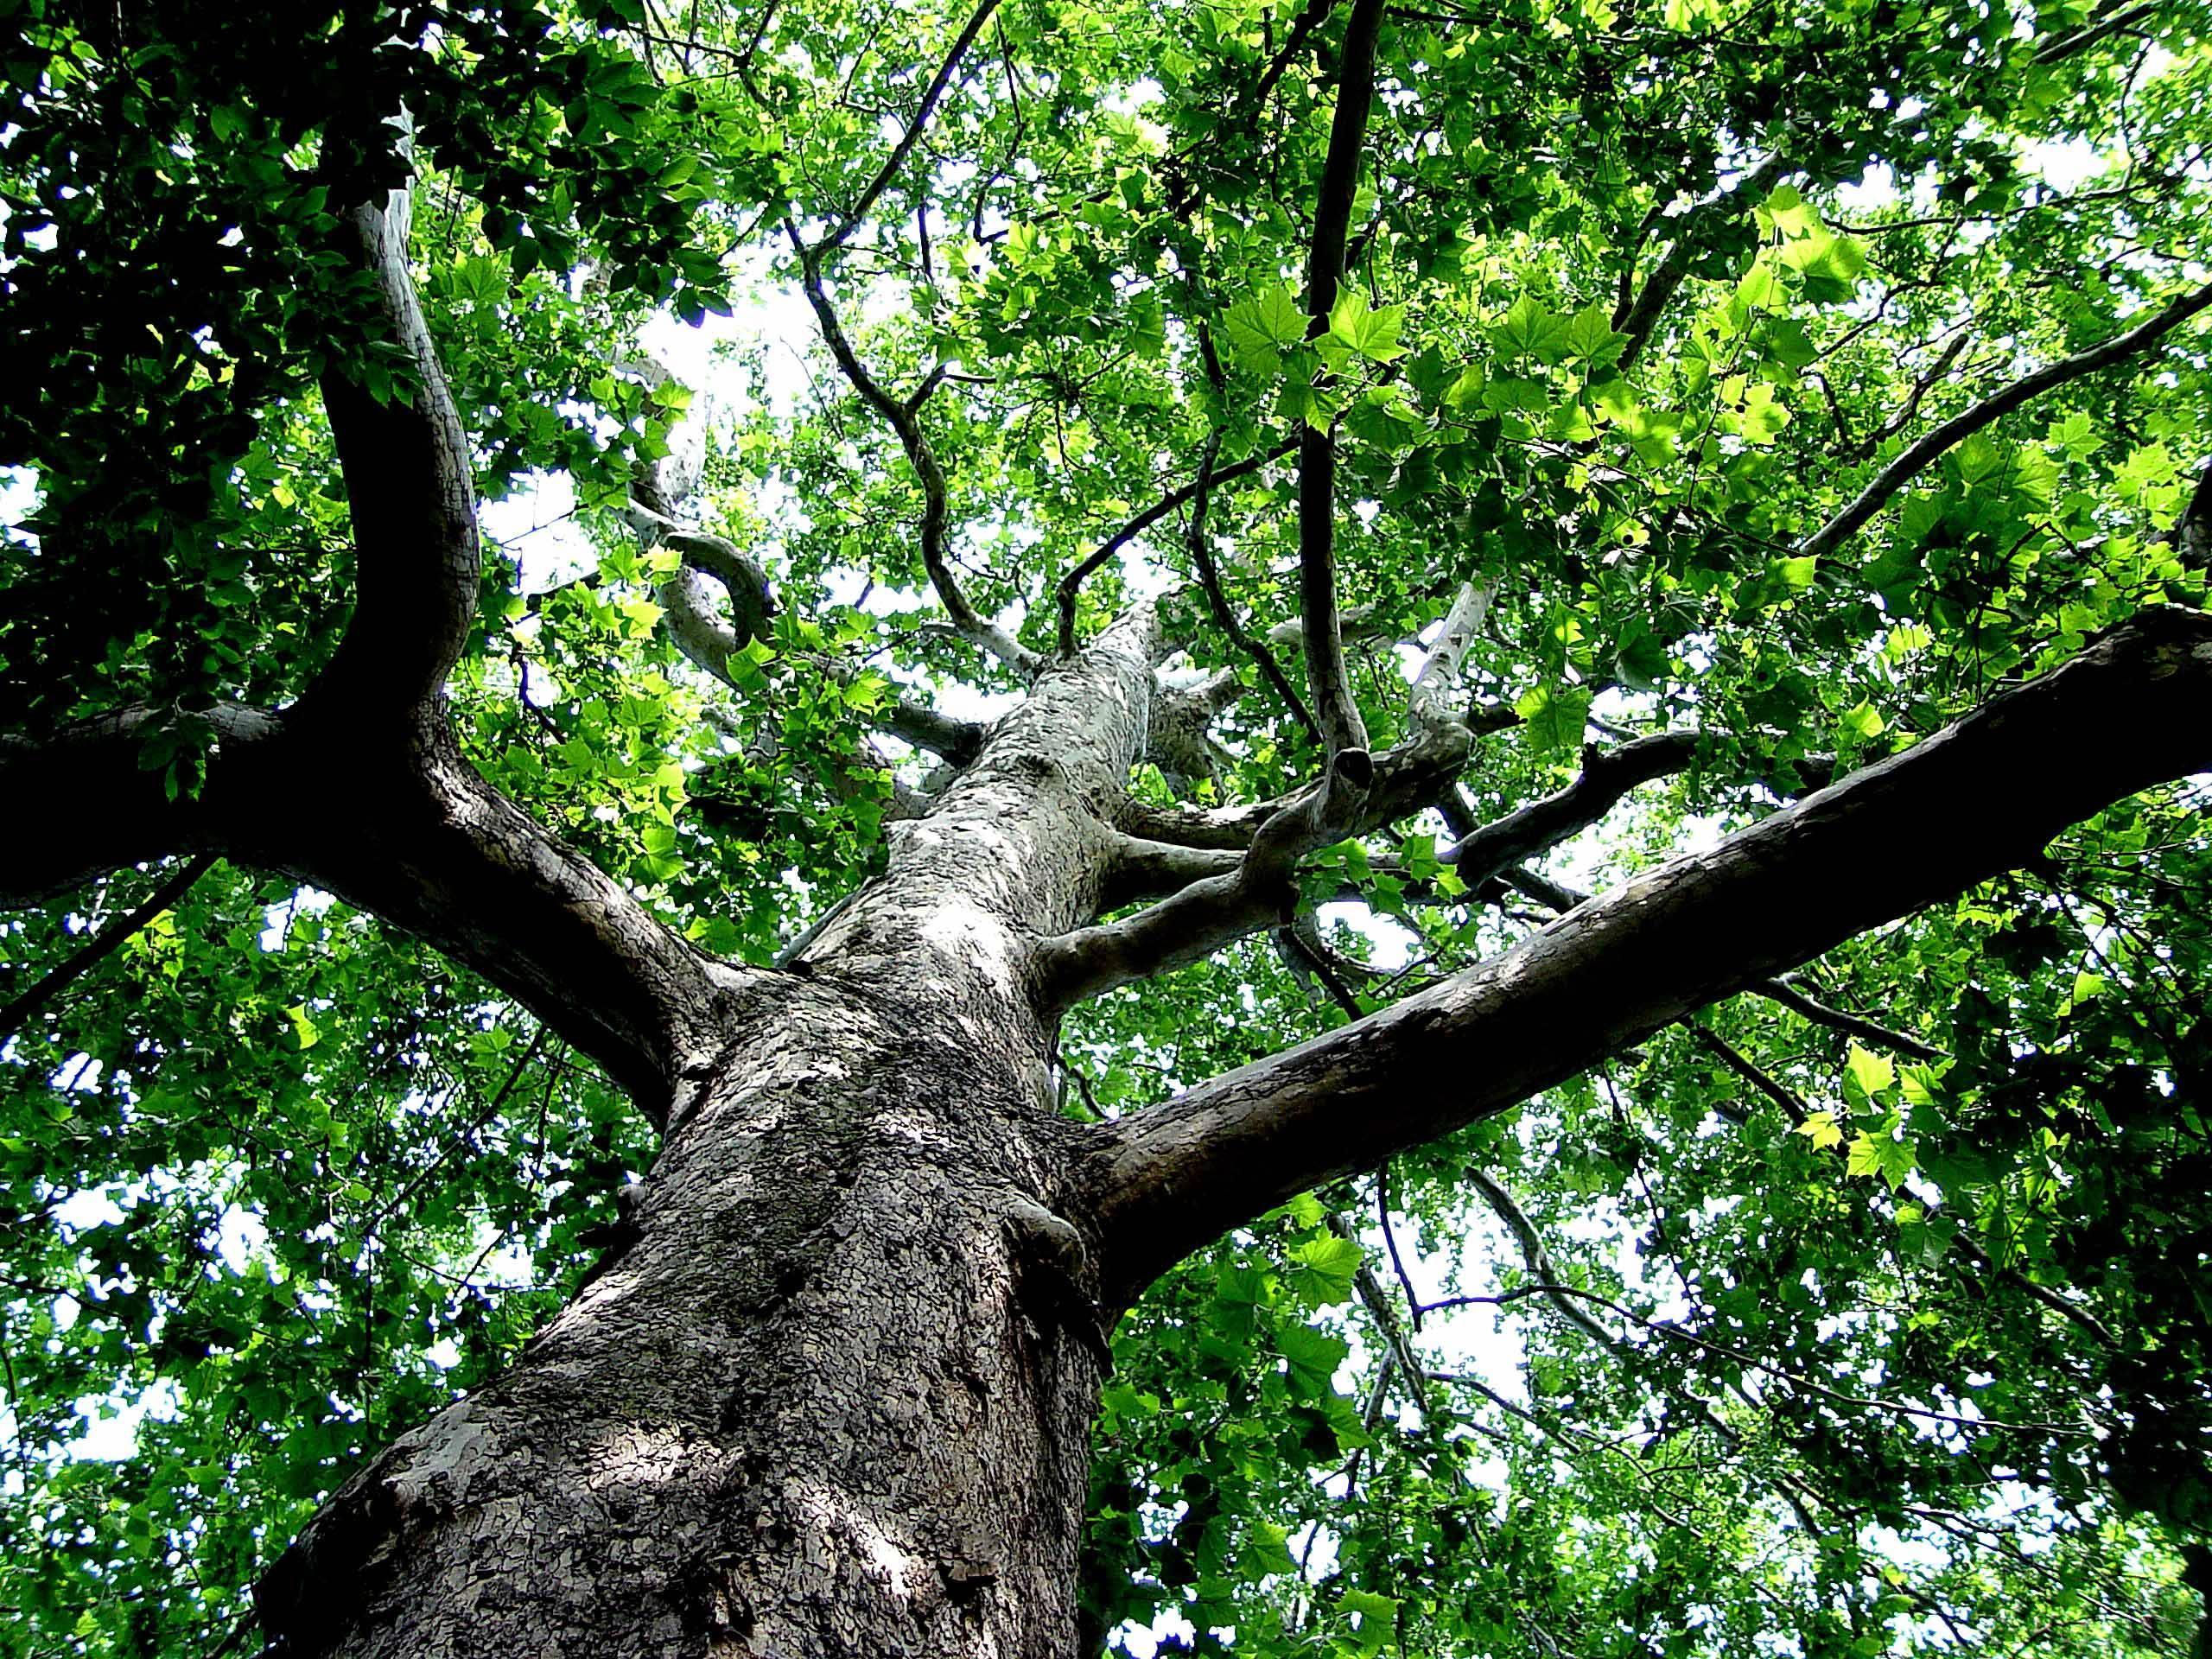 c2d35f54378d301f906b_Majestic_Tree.jpg